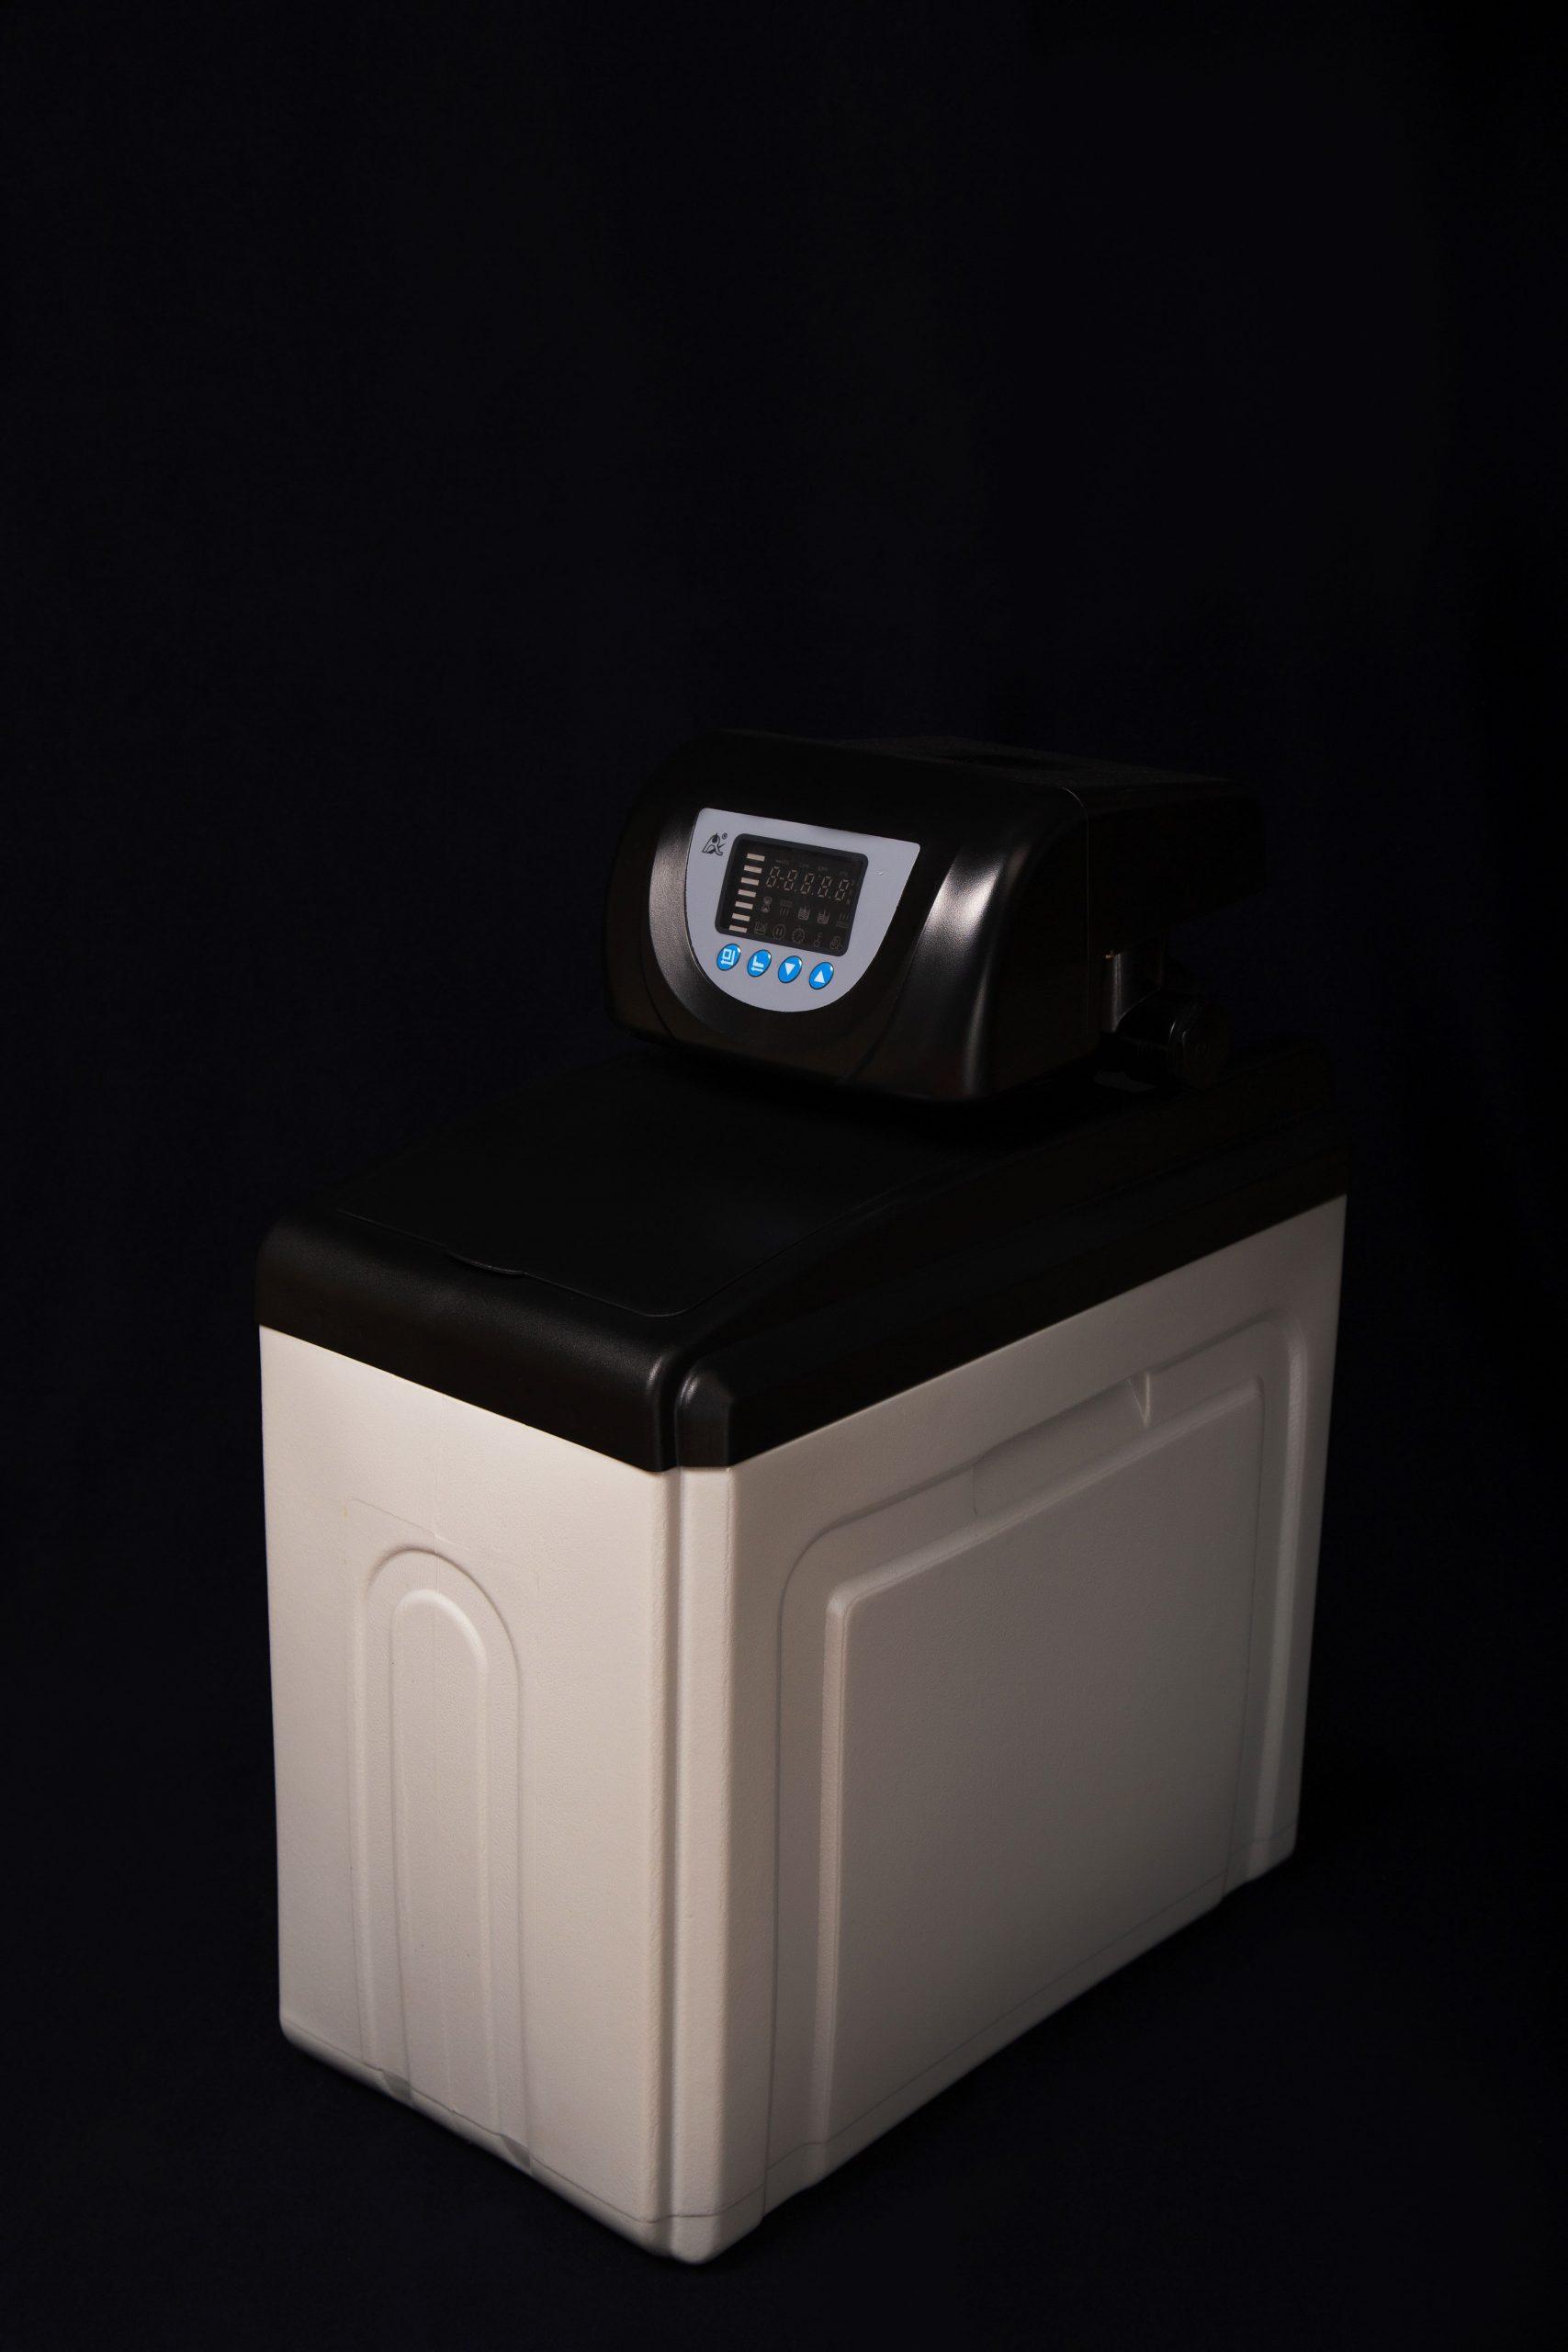 Умягчитель воды c автоматическим управлением FCV-11-10 (T) (500 литр/час)